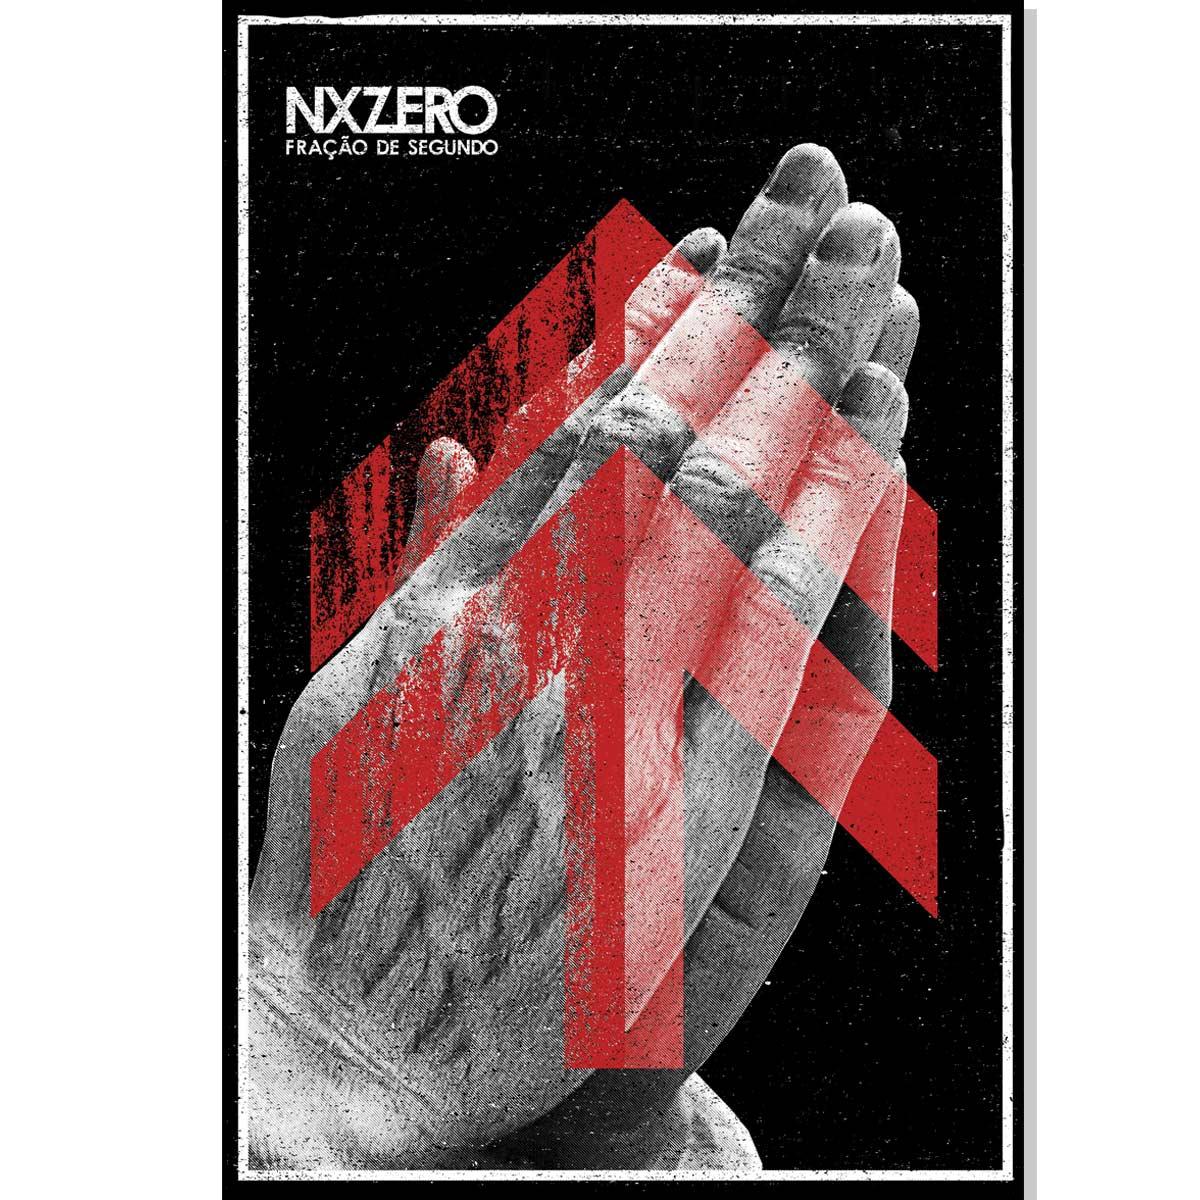 Poster NXZero Fra��o de Segundo